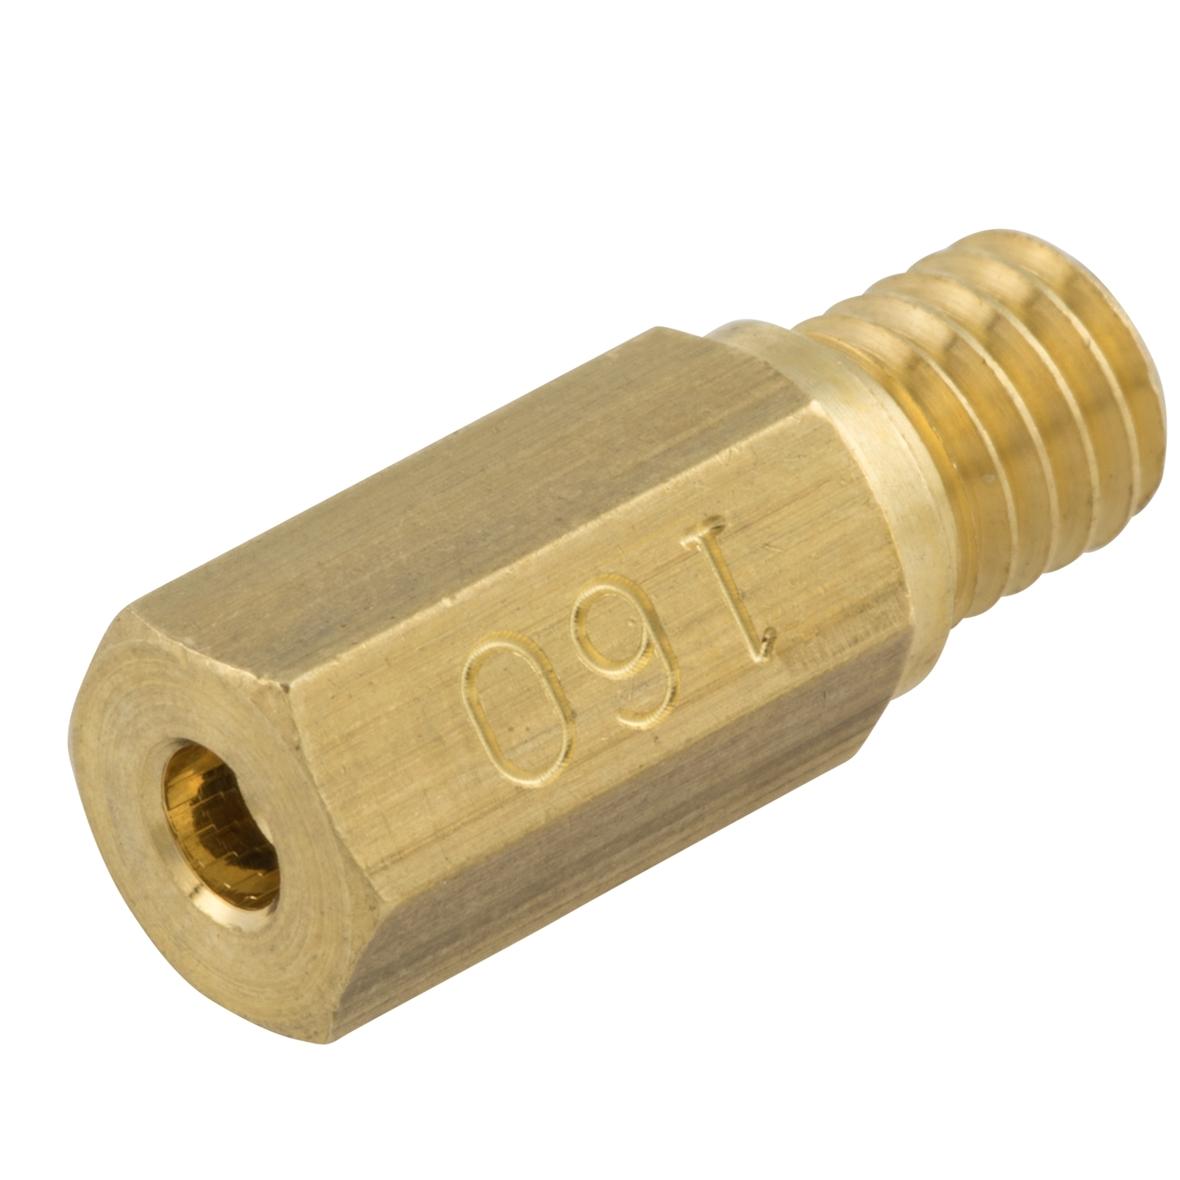 Productafbeelding voor 'Sproeier KMT 130 Ø 6 mmTitle'